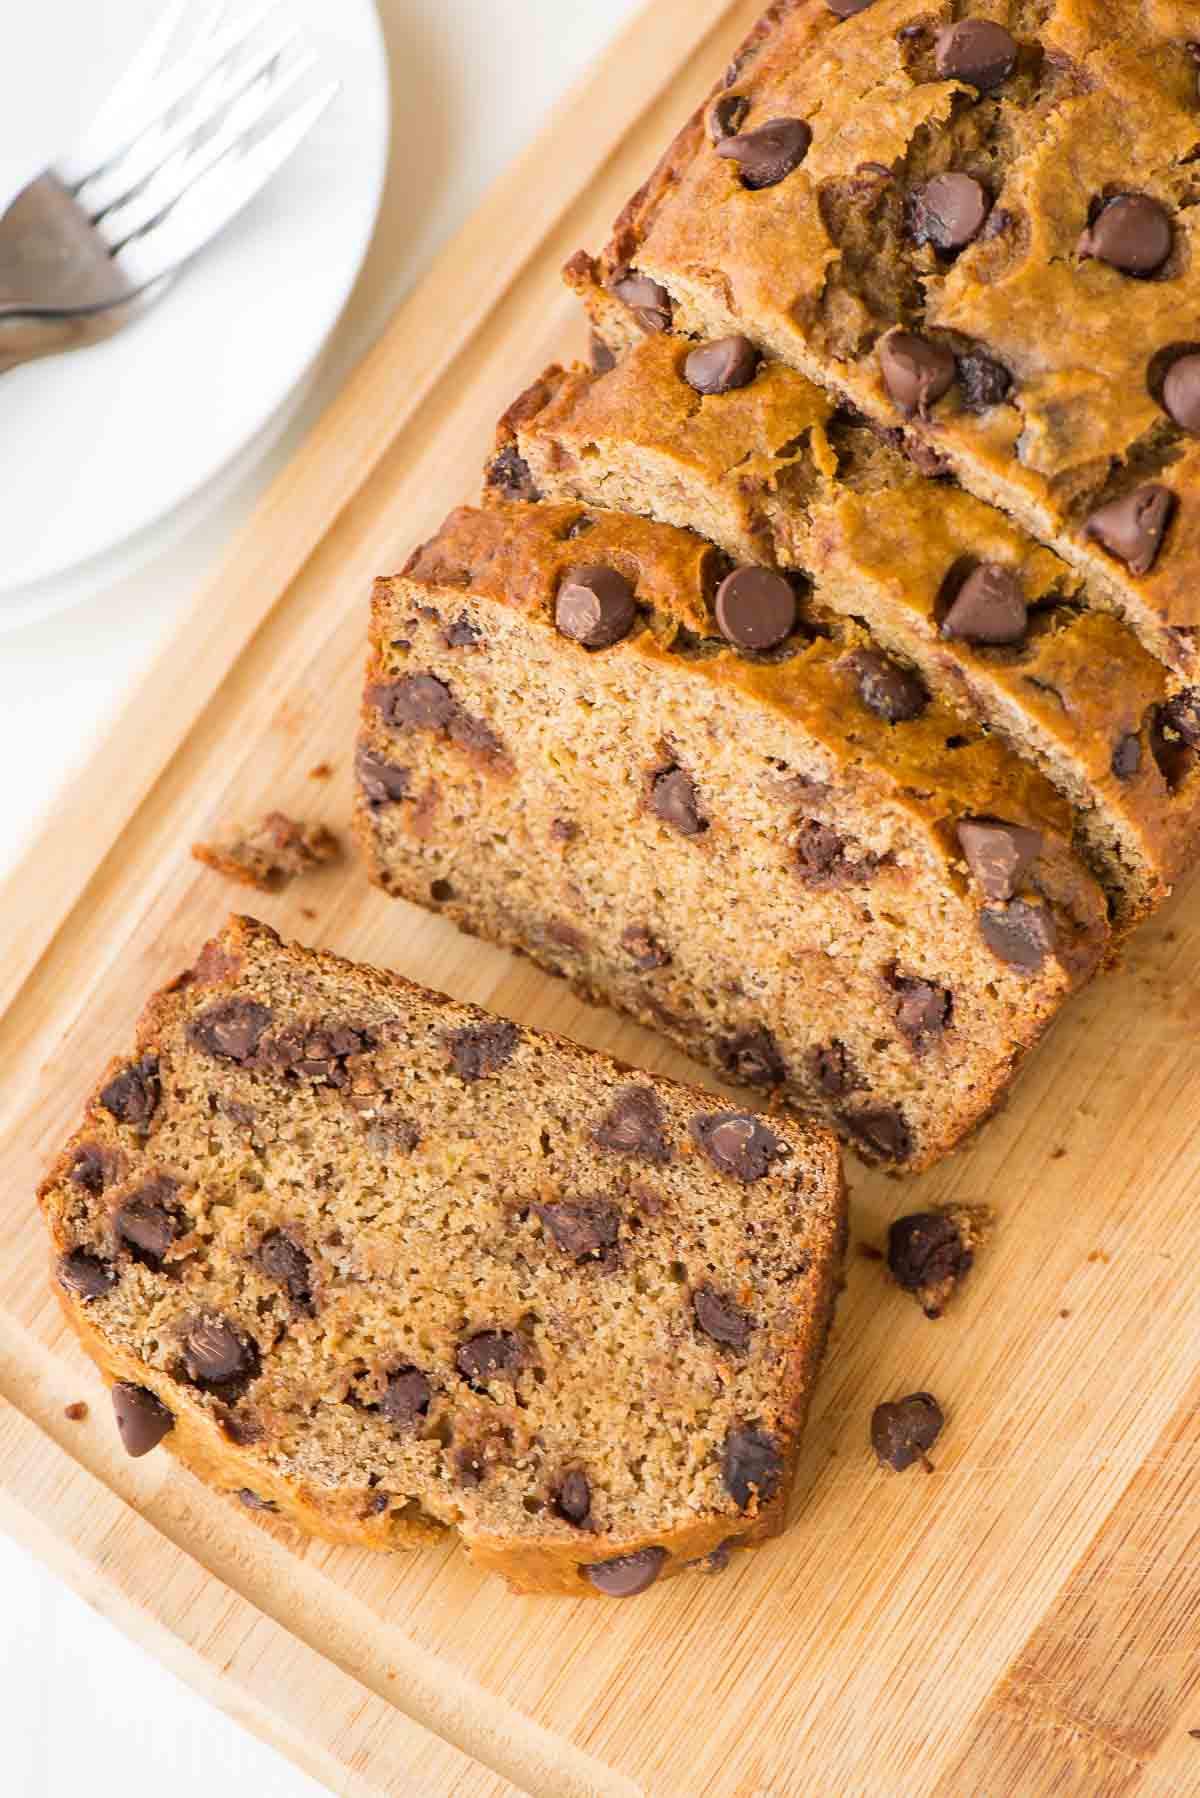 Easy Banana Recipes Healthy 20 Best Ideas Healthy Banana Bread Recipe with Chocolate Chips